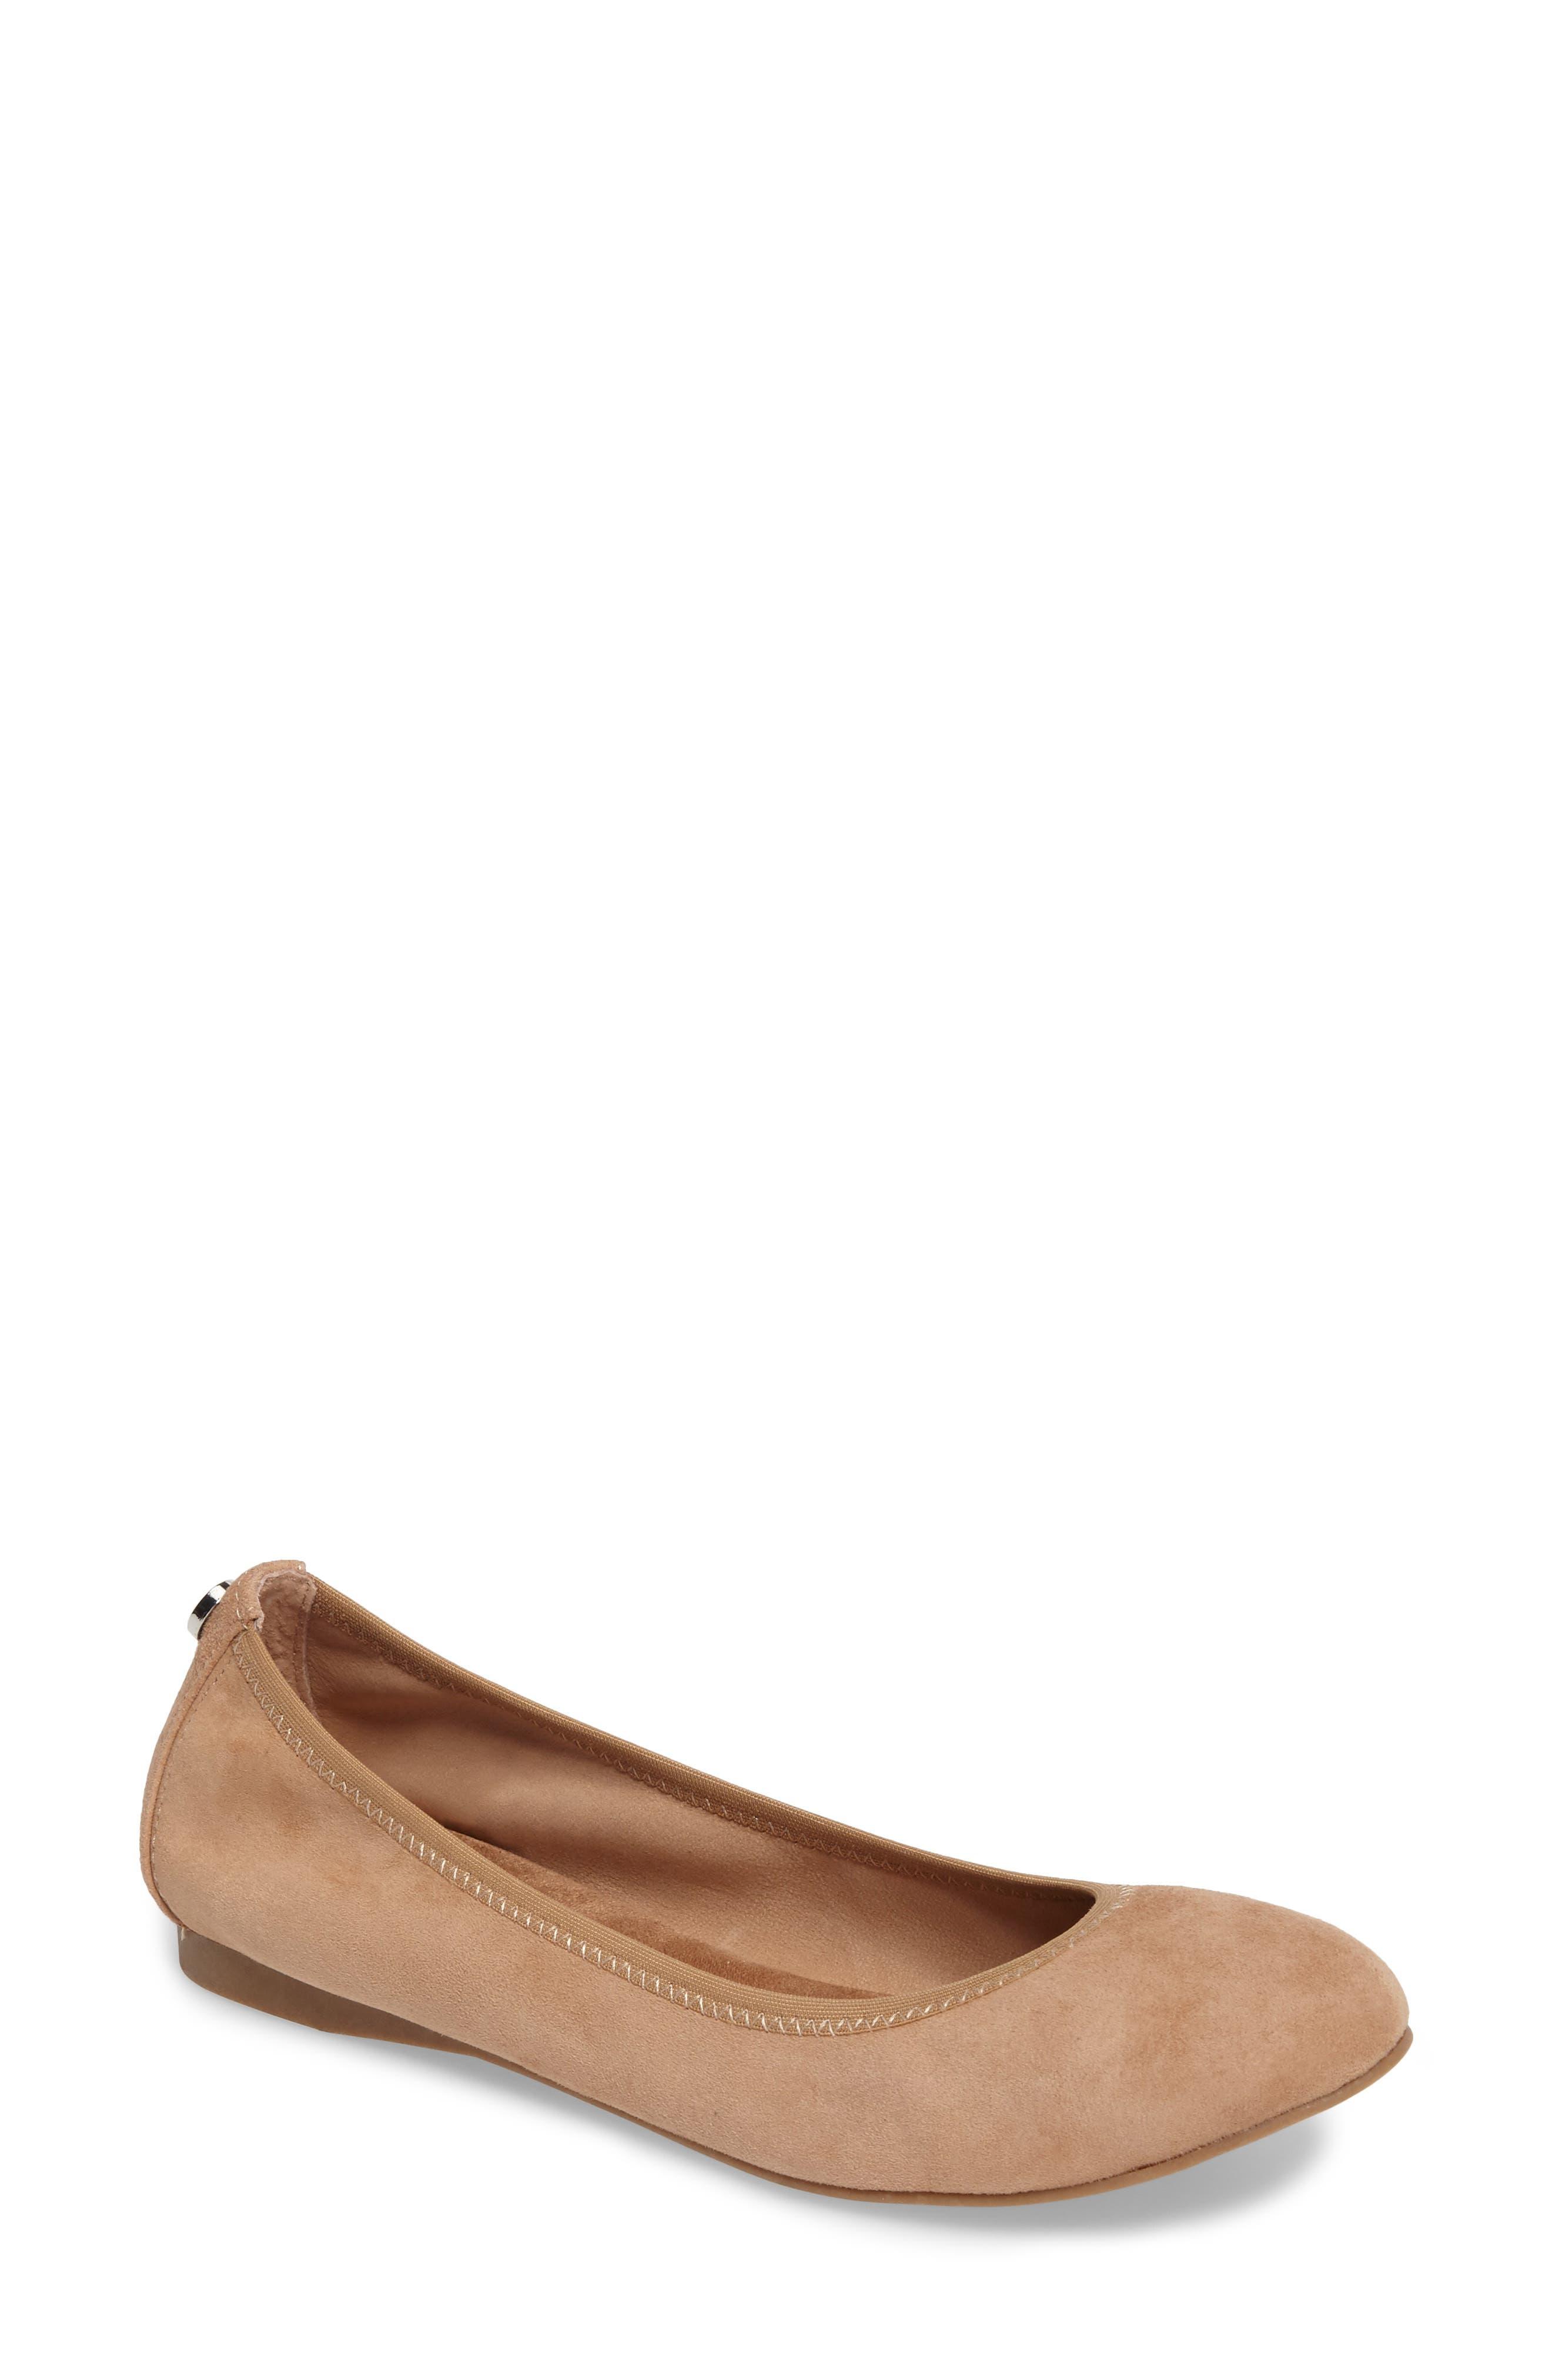 Bonnie Ballet Flat,                         Main,                         color, Camel Suede